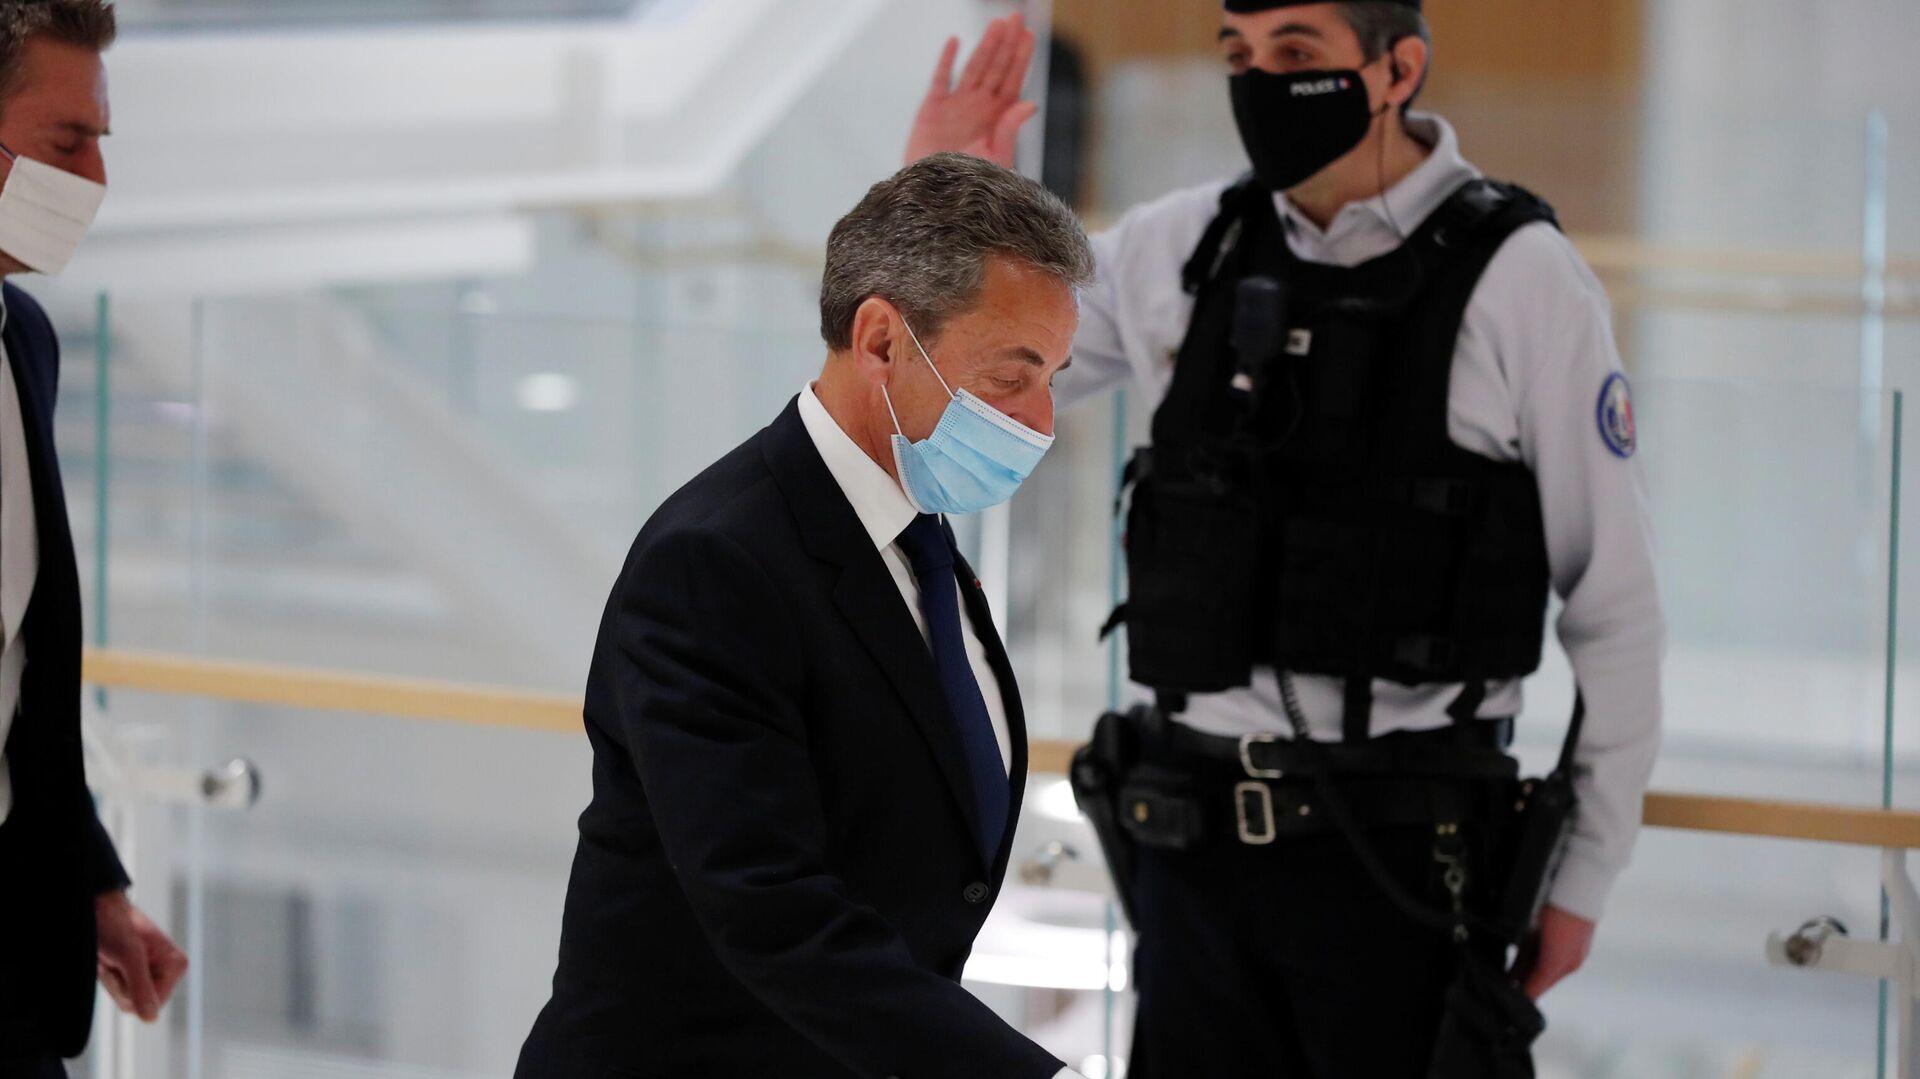 Бывший президент Франции Николя Саркози в здании суда после вынесения приговора - РИА Новости, 1920, 01.03.2021